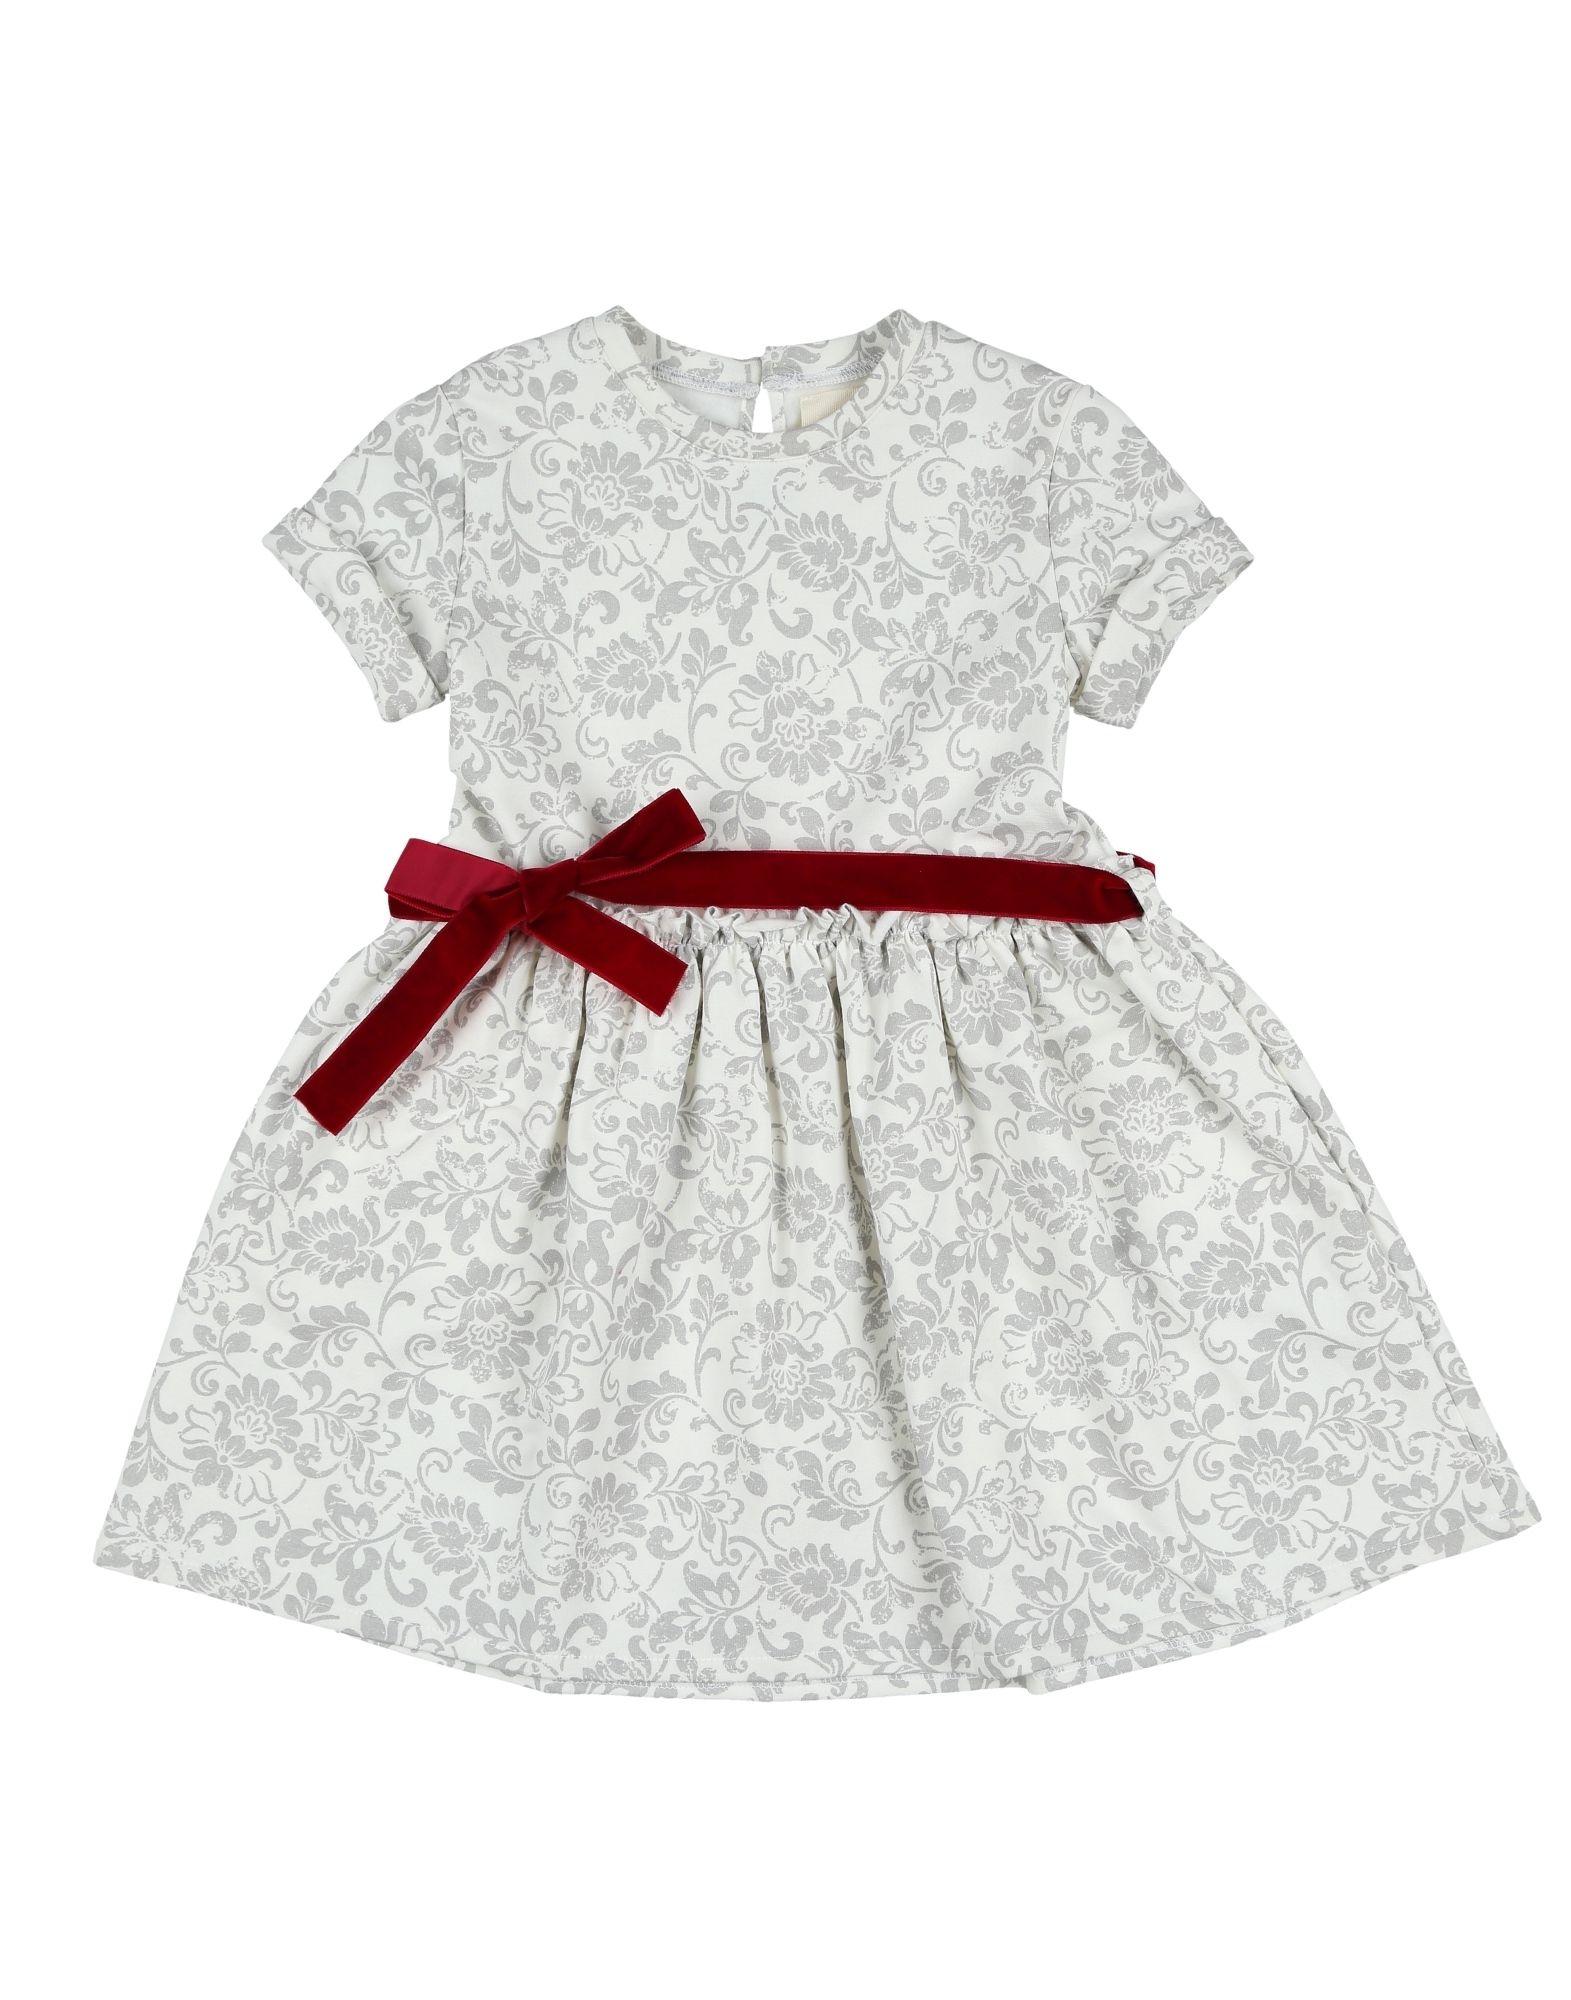 DREAMERS Mädchen 3-8 jahre Kleid Farbe Elfenbein Größe 1 - broschei